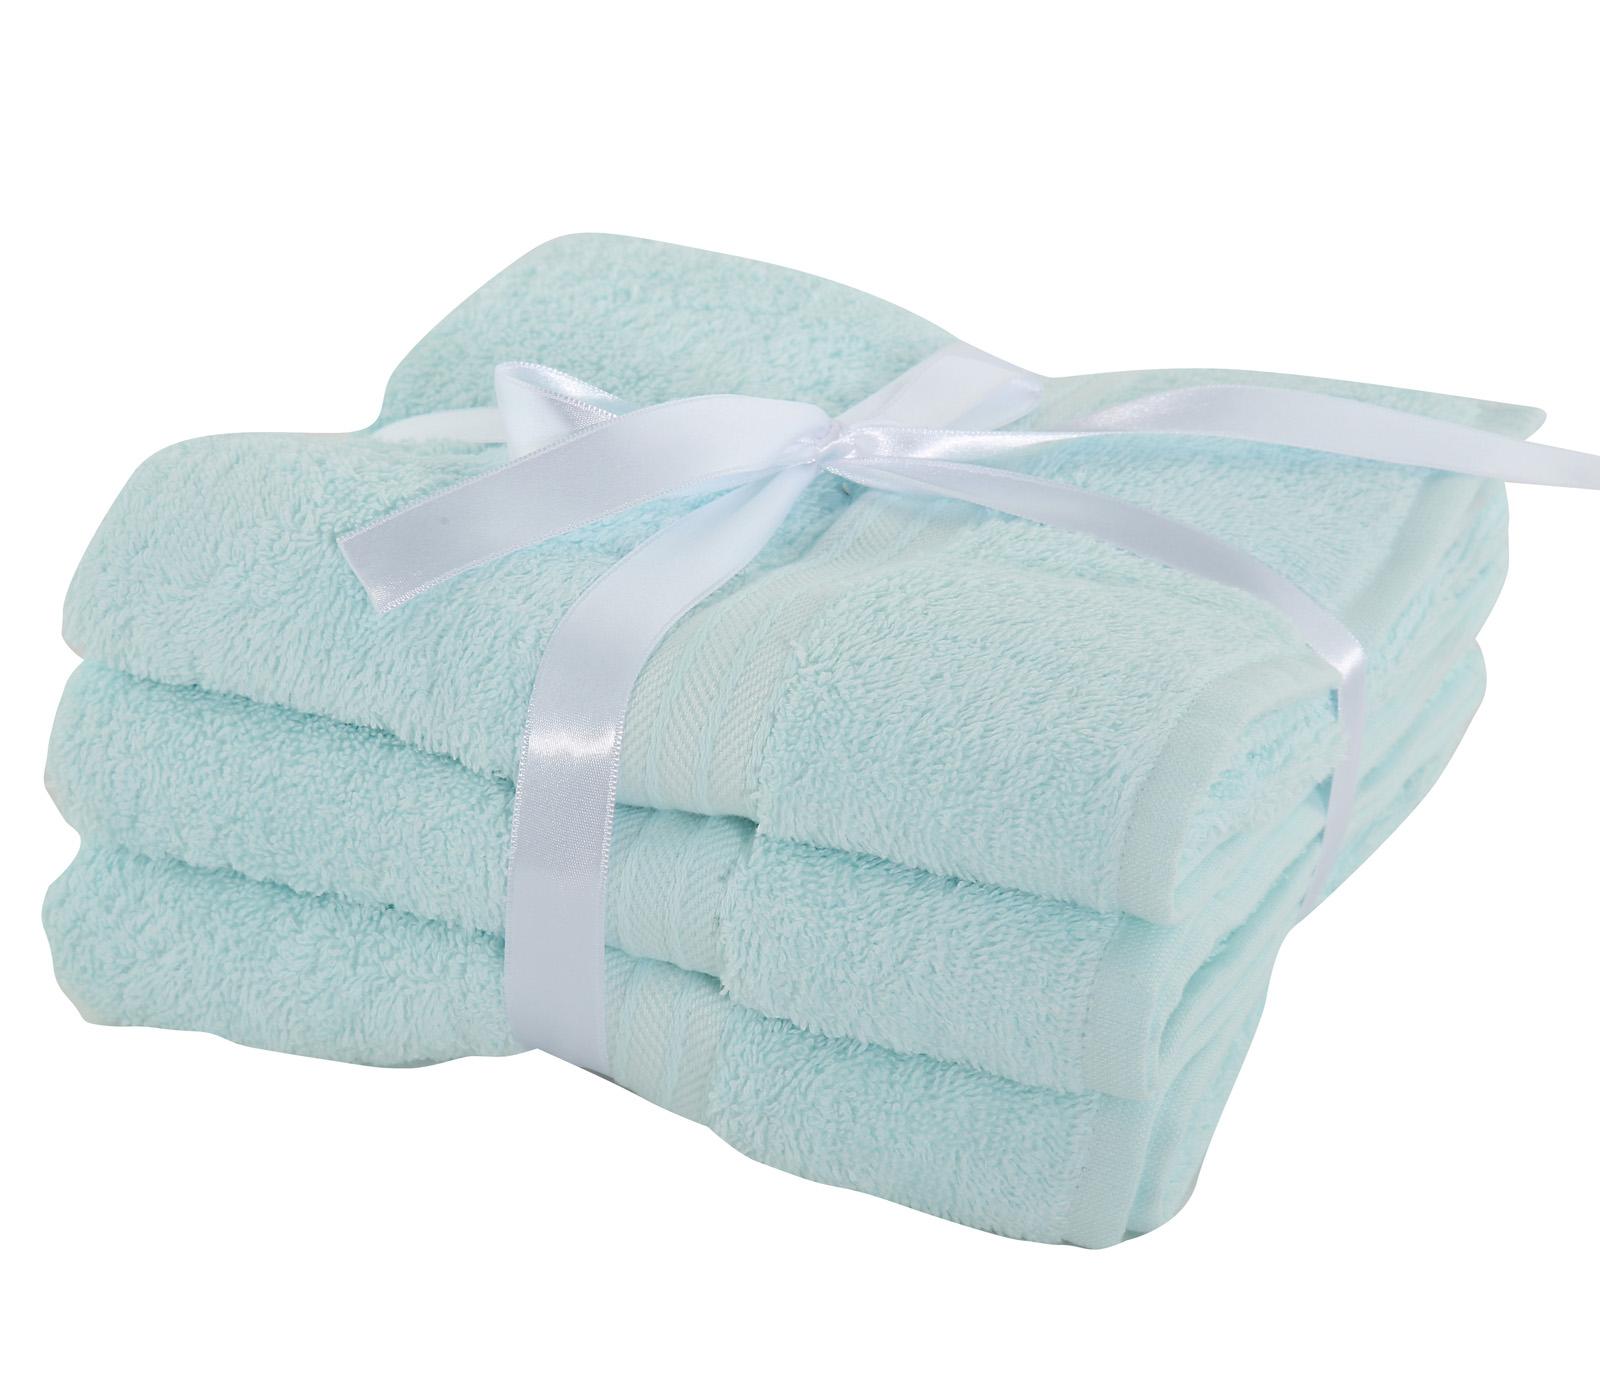 Πετσέτες Προσώπου (Σετ 3 Τμχ) Nef Nef Cosy Mint